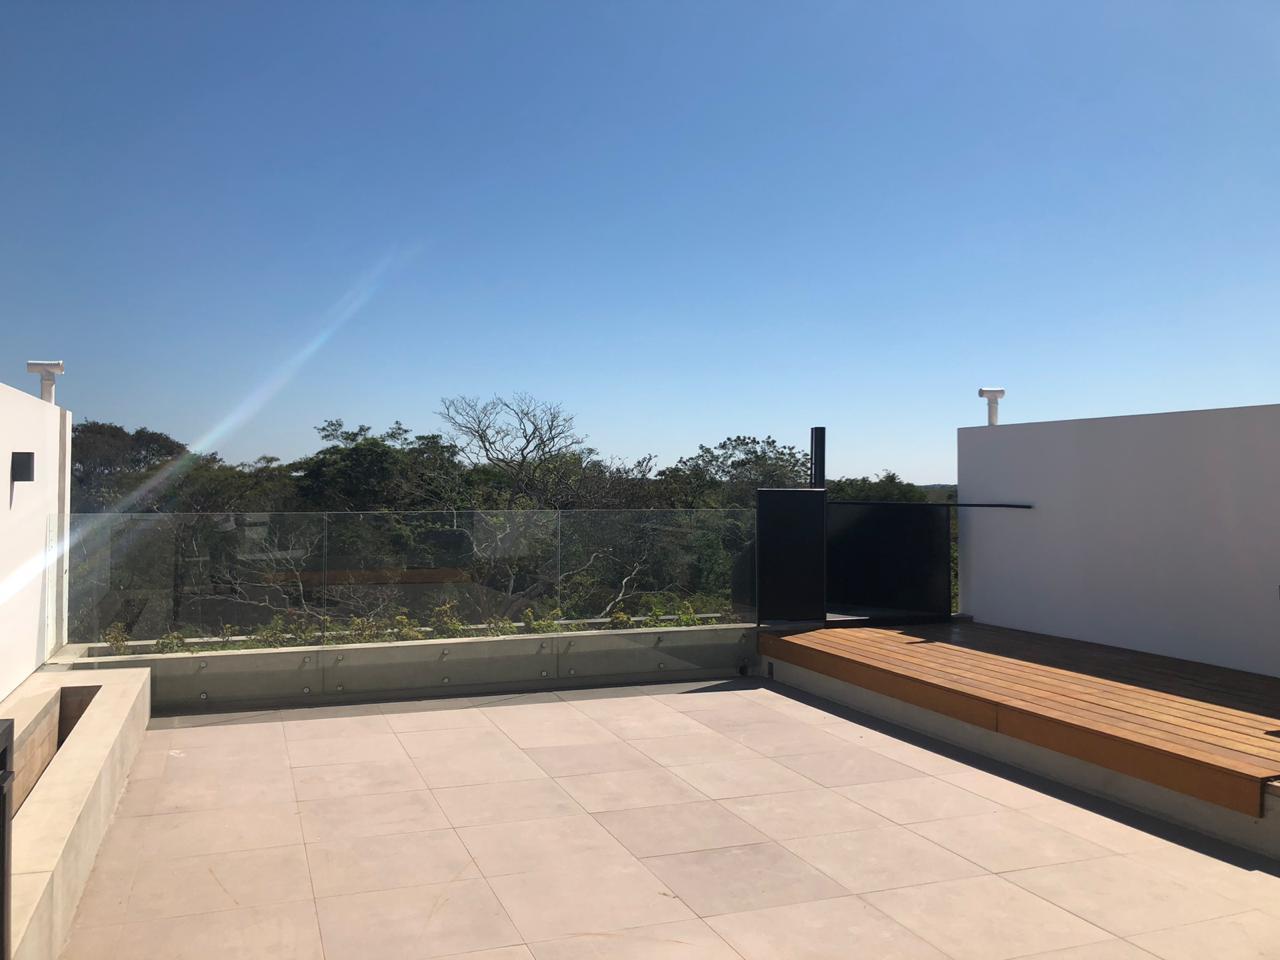 Casa en Alquiler CASA EN ALQUILER, CONDOMINIO COSTANERA BLUE Foto 3